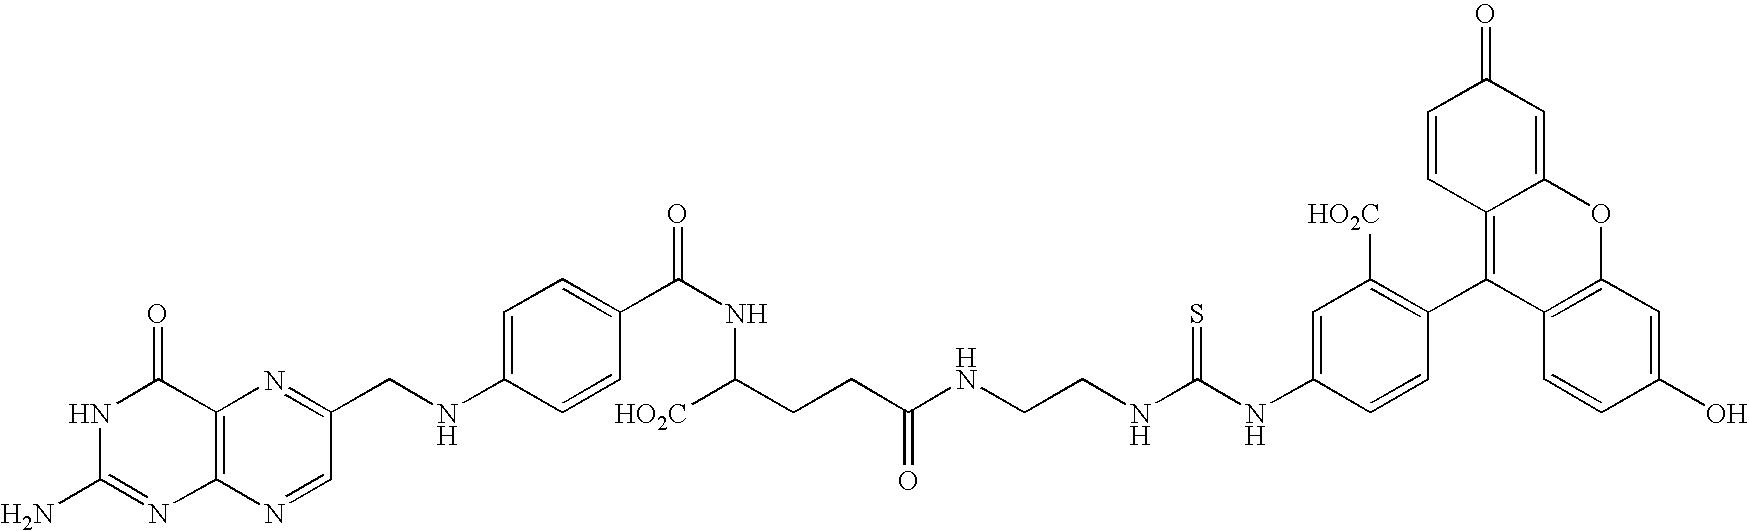 Figure US20100272675A1-20101028-C00005